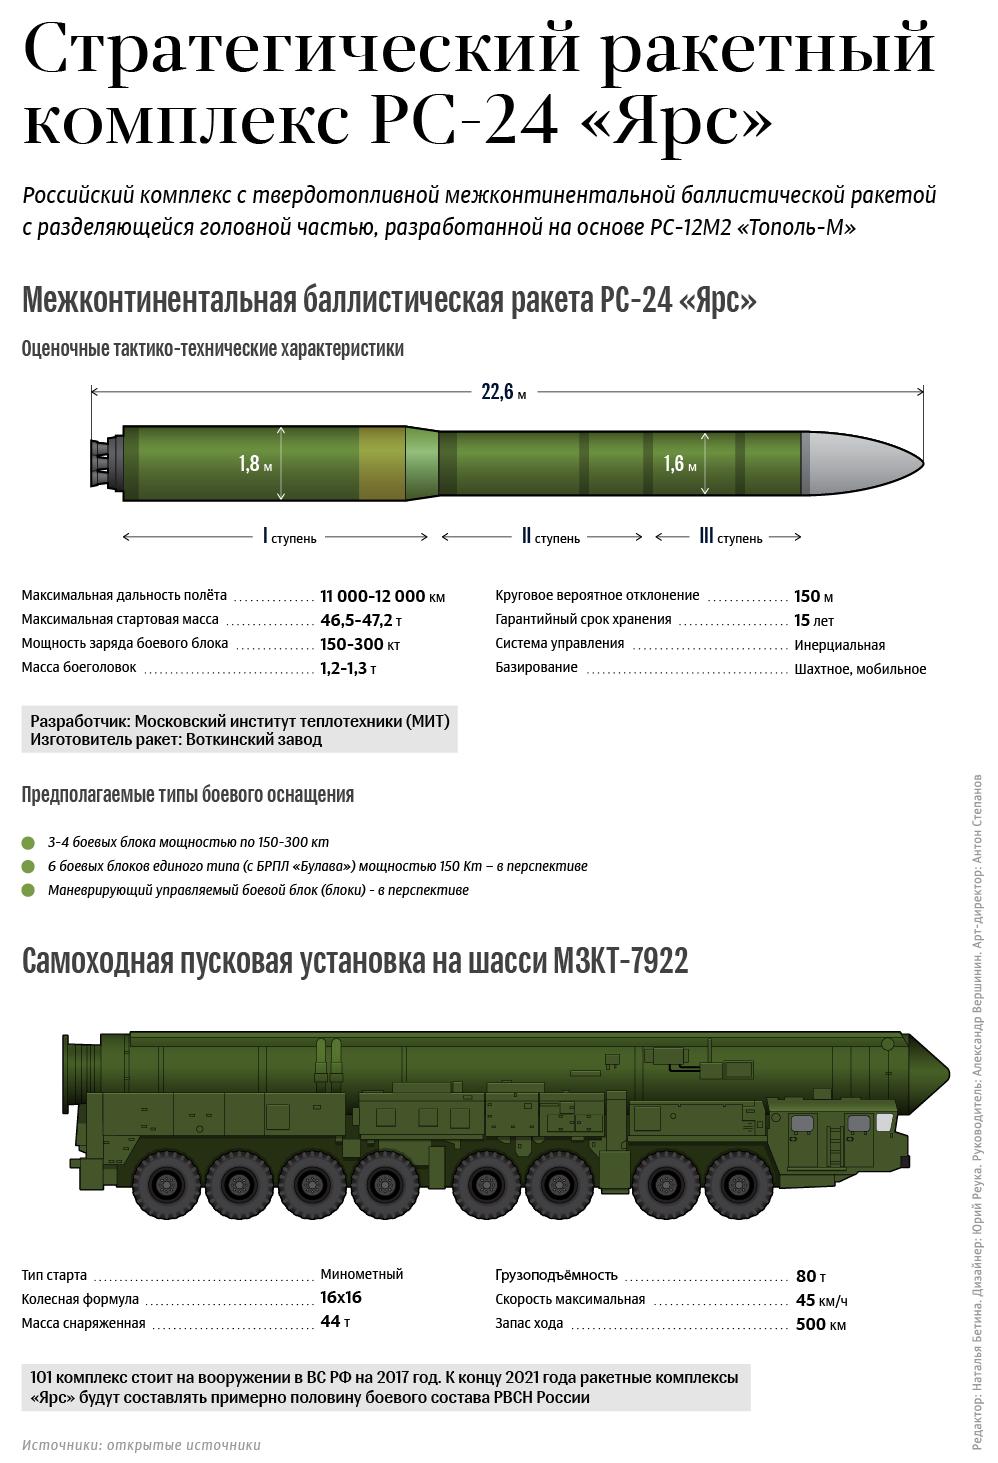 НЕ БРАТЬ!! Стратегический ракетный комплекс РС-24 «Ярс»